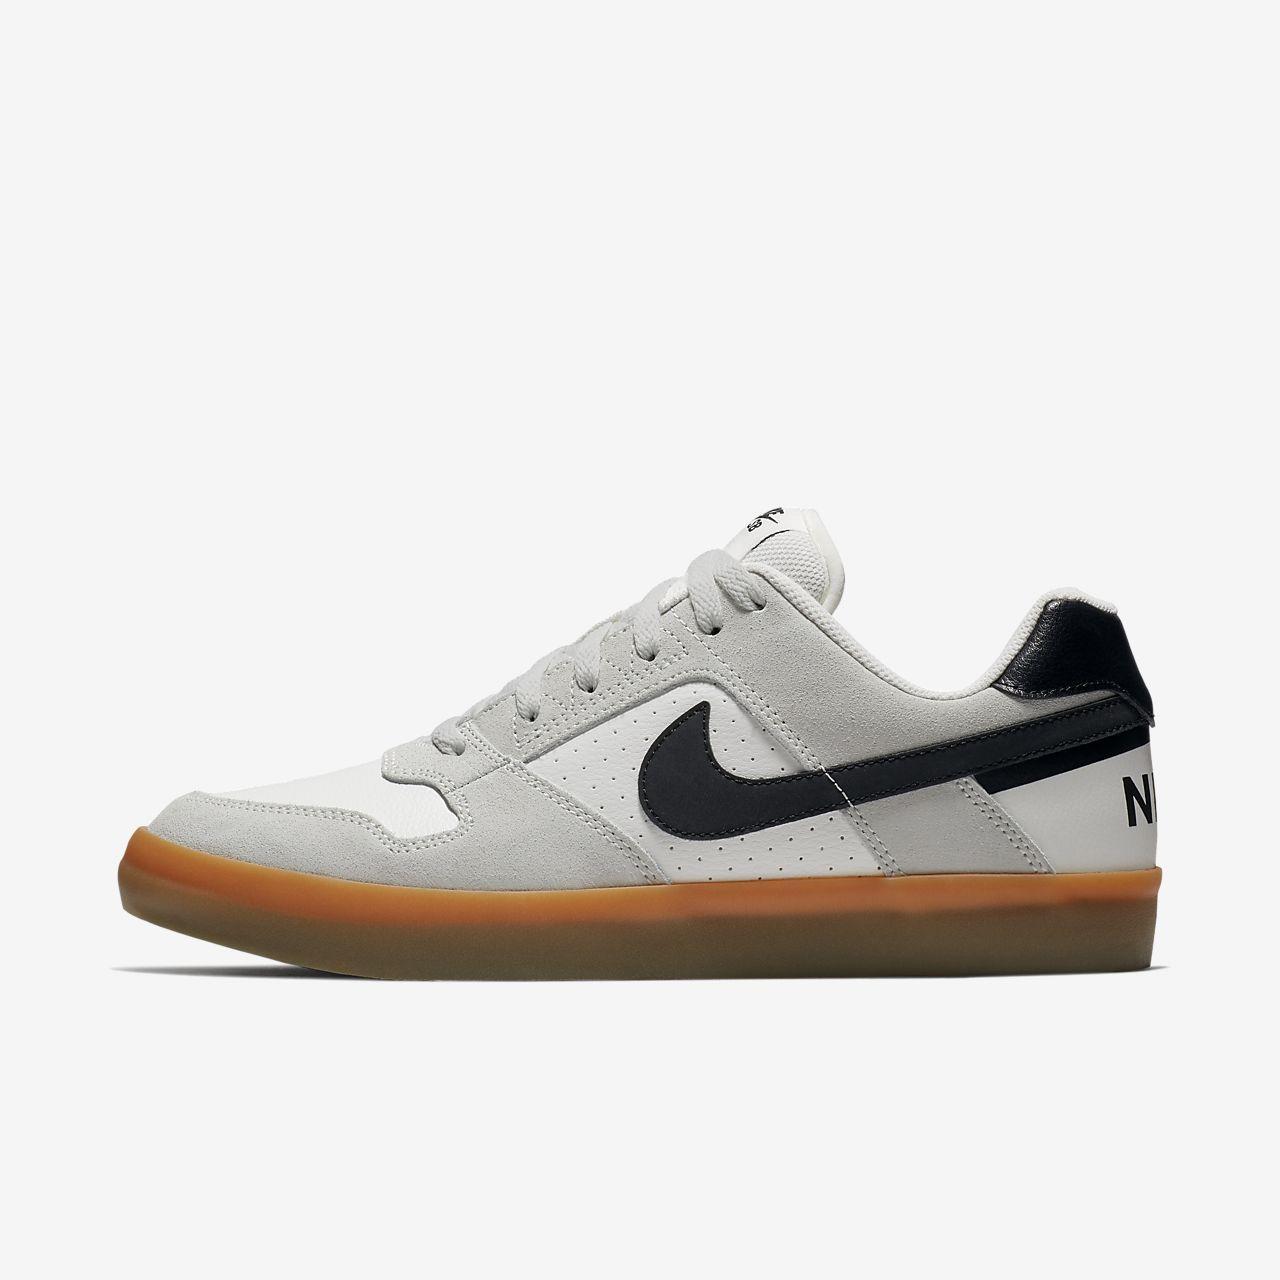 0c868f9d Skateboardsko Nike SB Delta Force Vulc för män | Skateboard | Nike ...